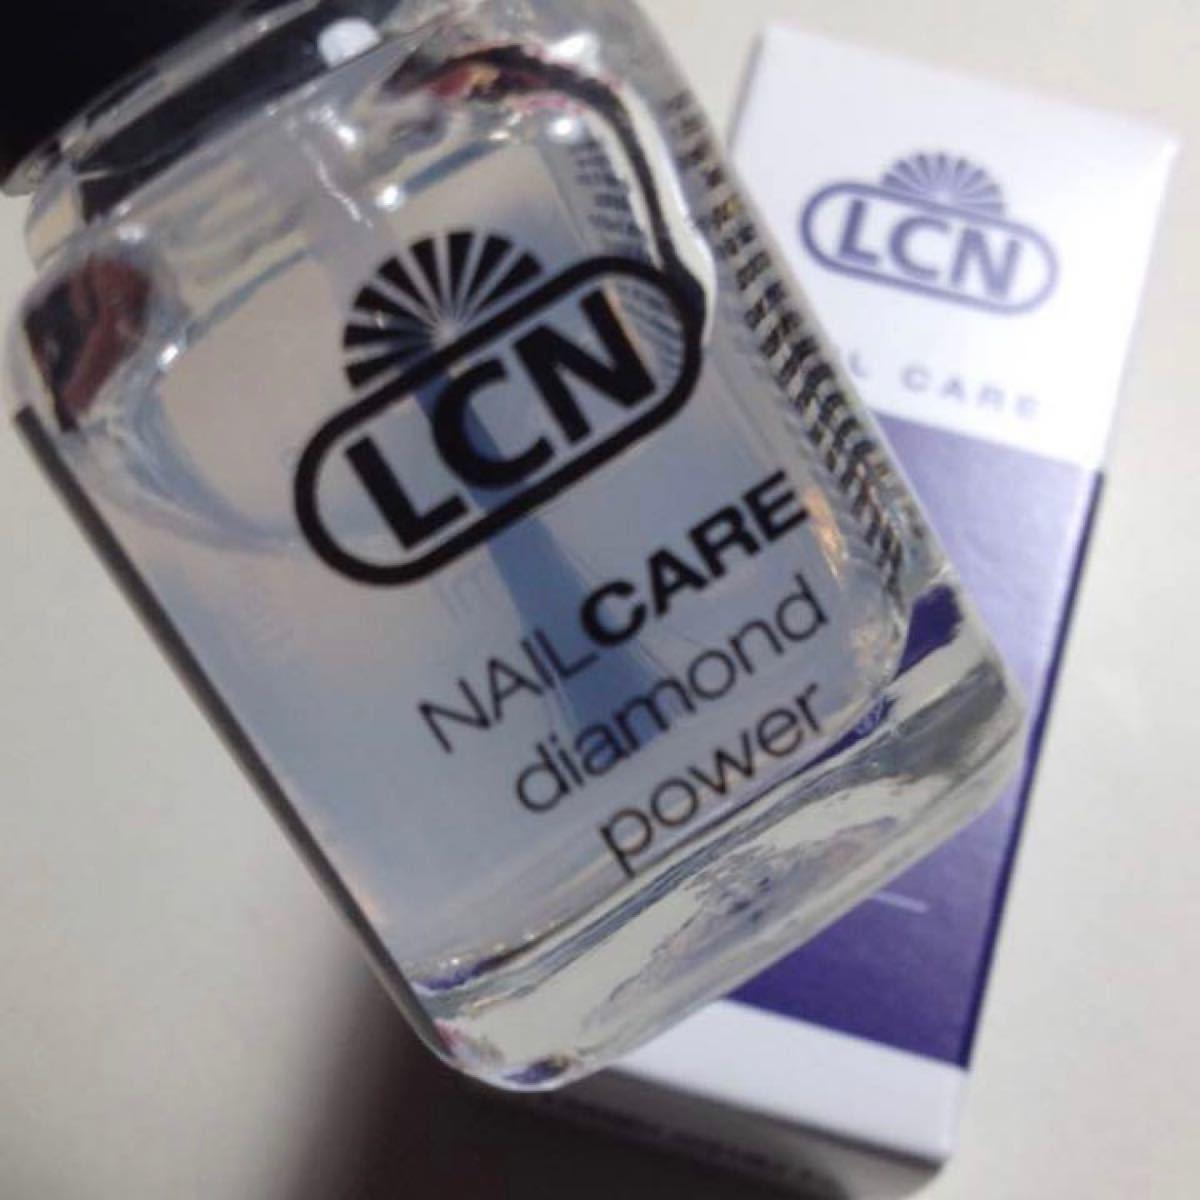 LCNダイヤモンドパワー・ベースコート&トップコート兼用のコート材・新品未使用